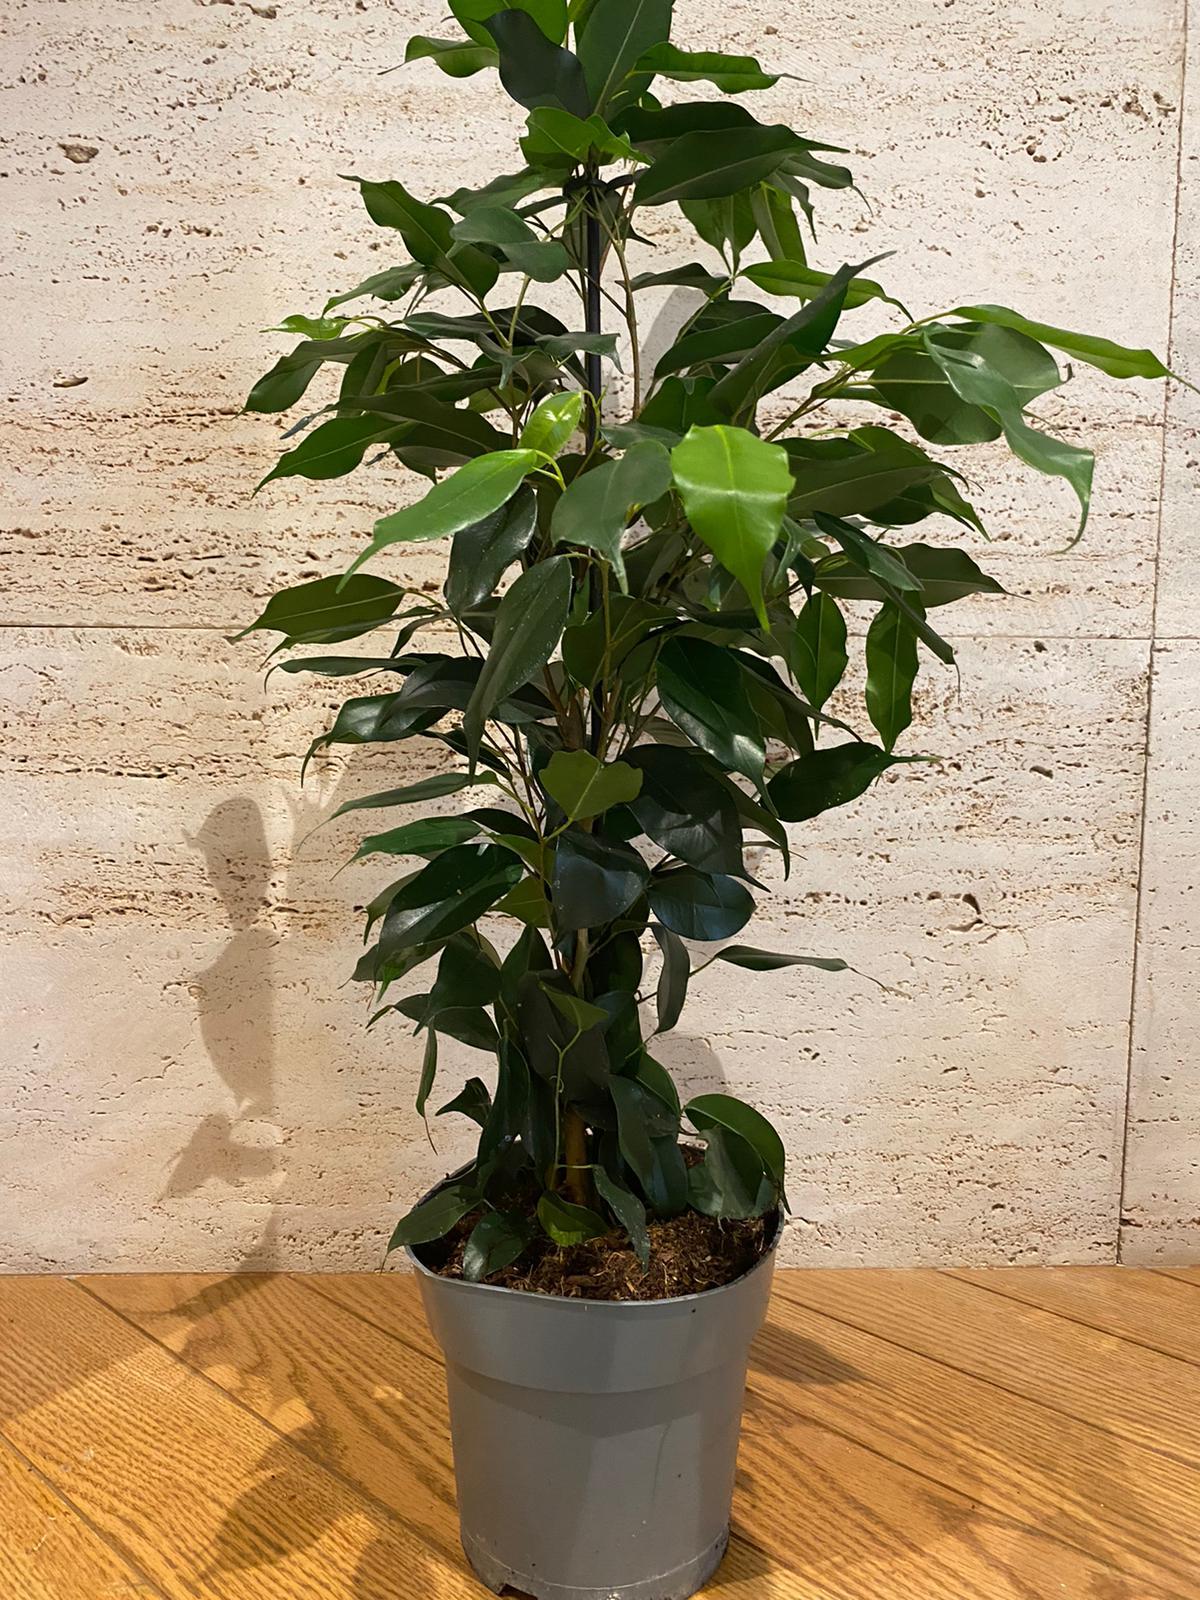 اللبخ بنجامينا نباتات خارجية